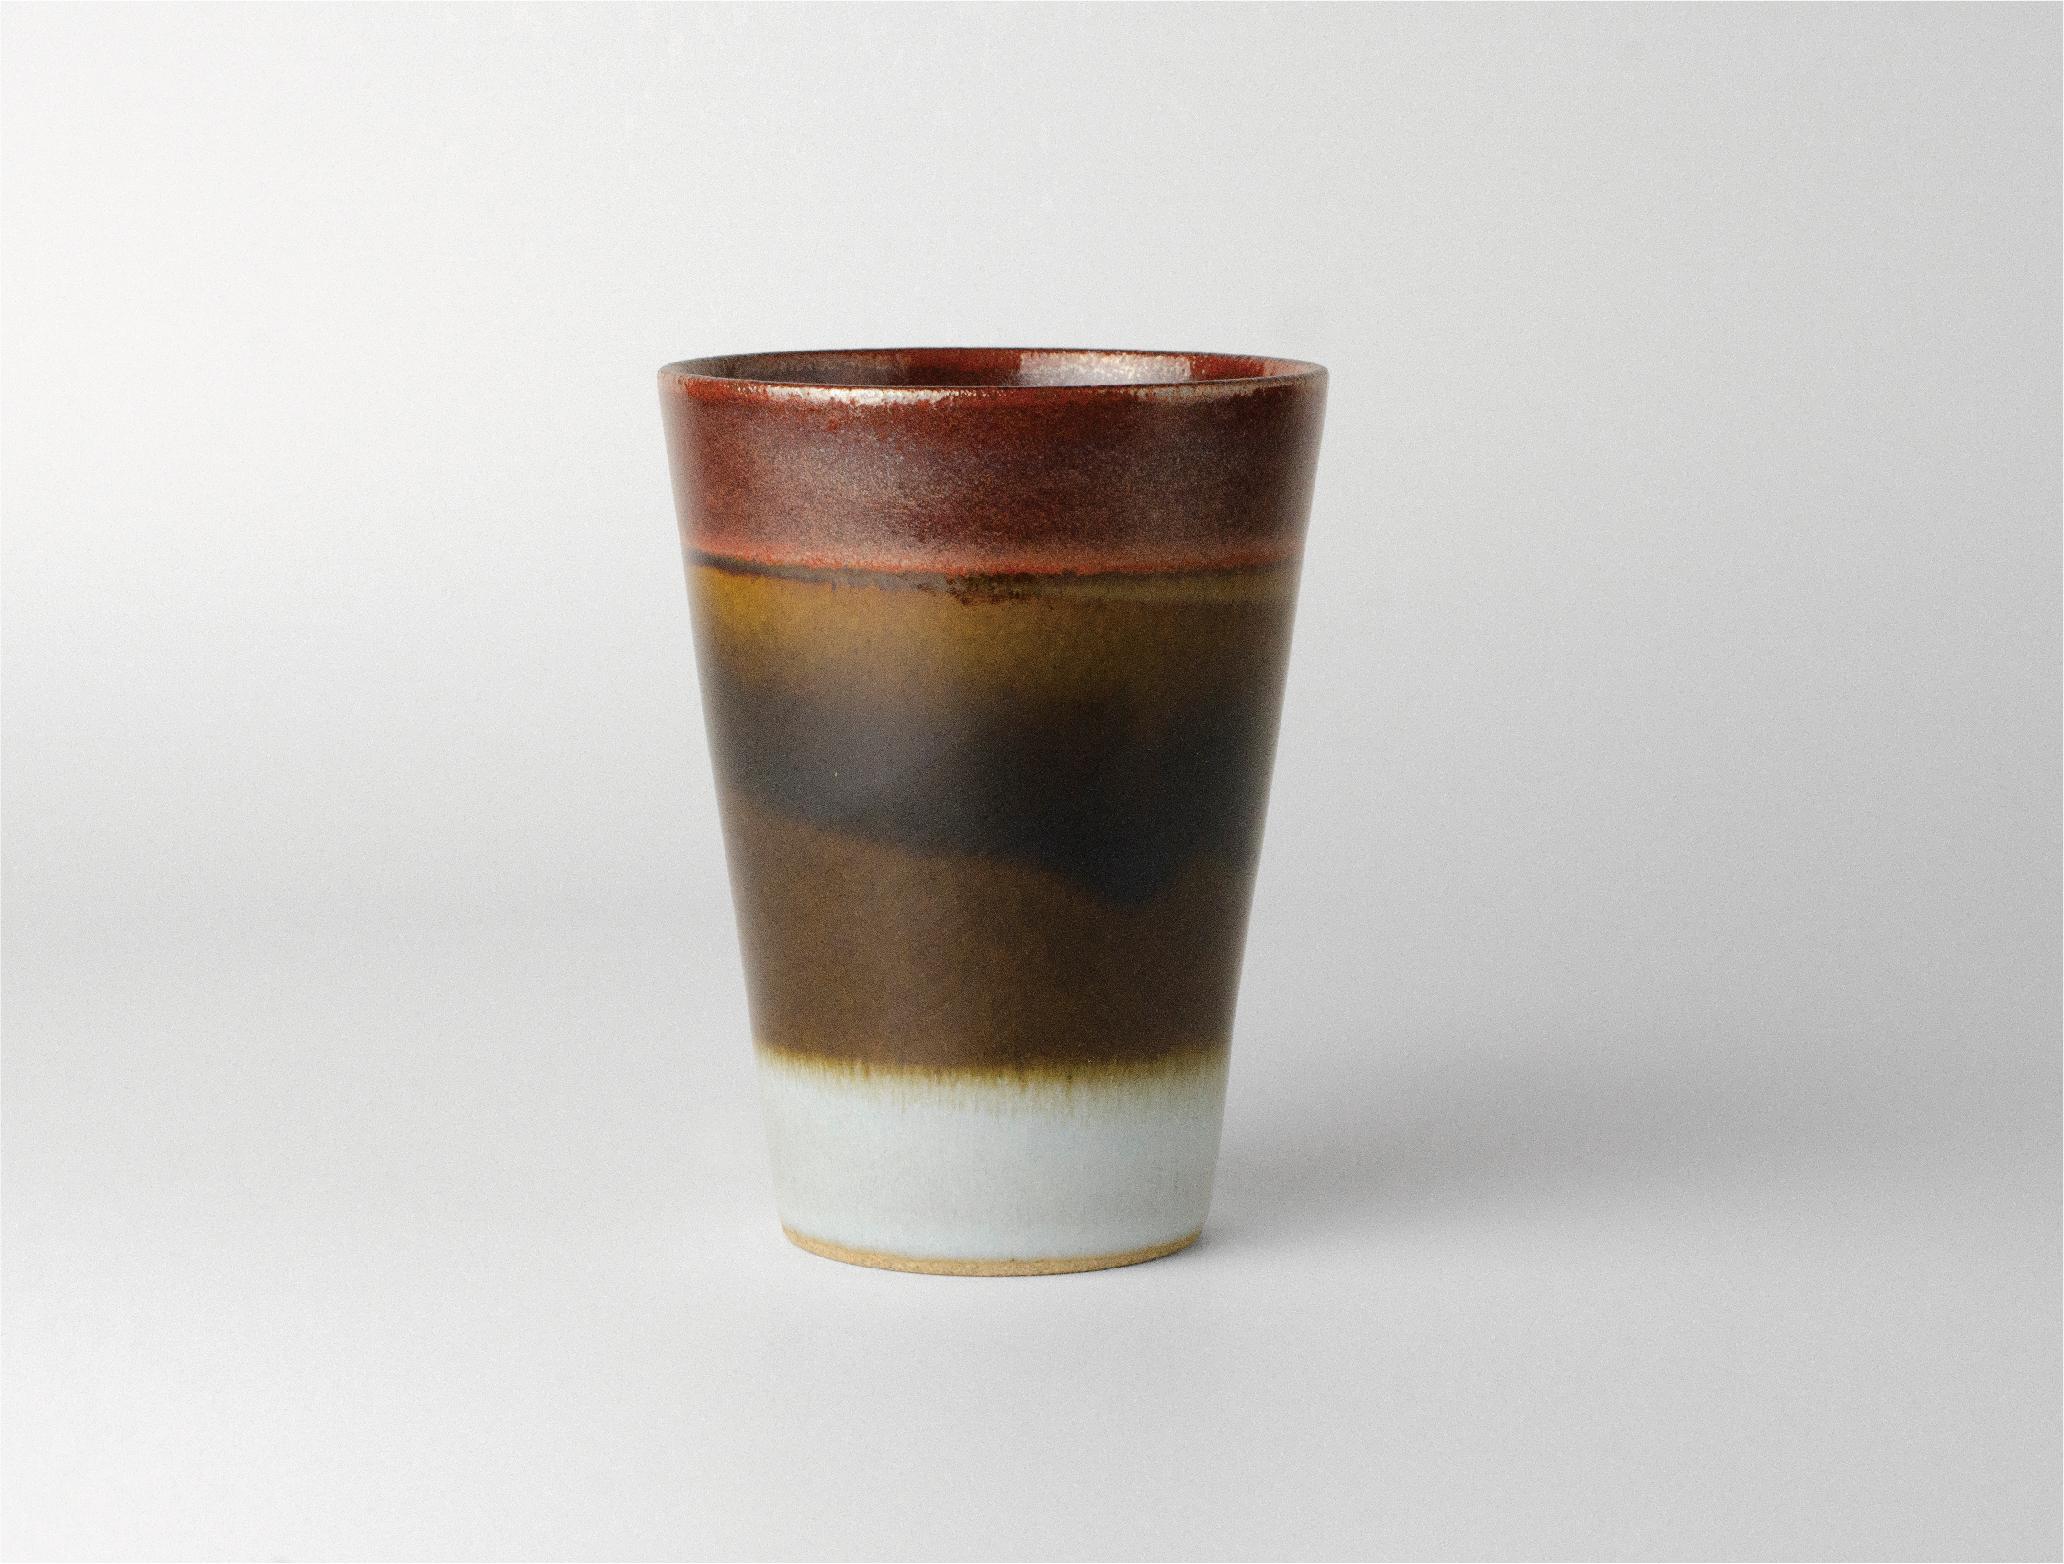 Fujisan_aki 250mlカップ イメージ